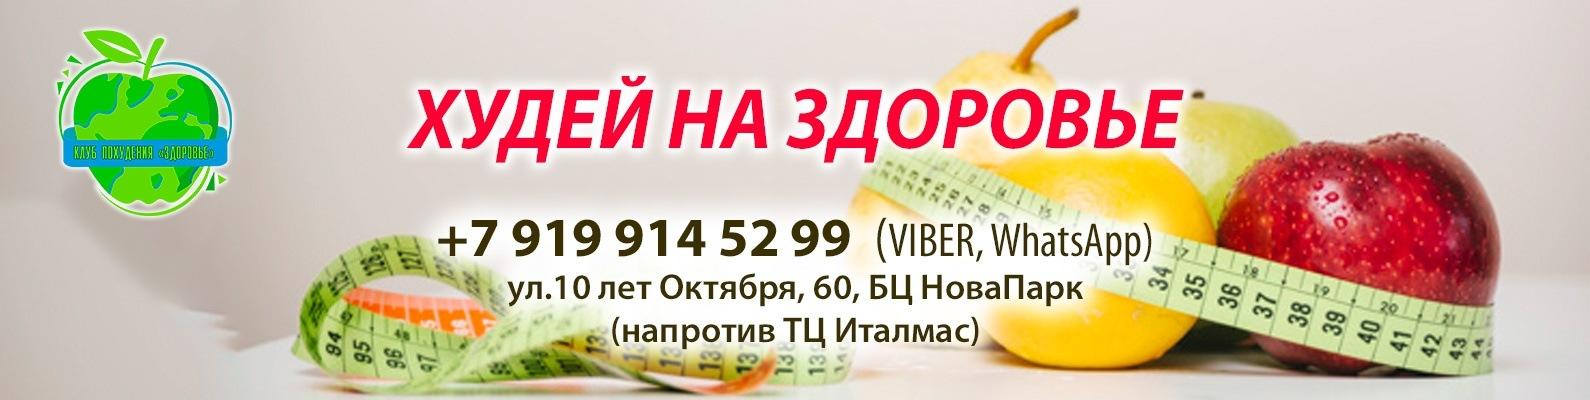 Проект Здоровье Похудеть.